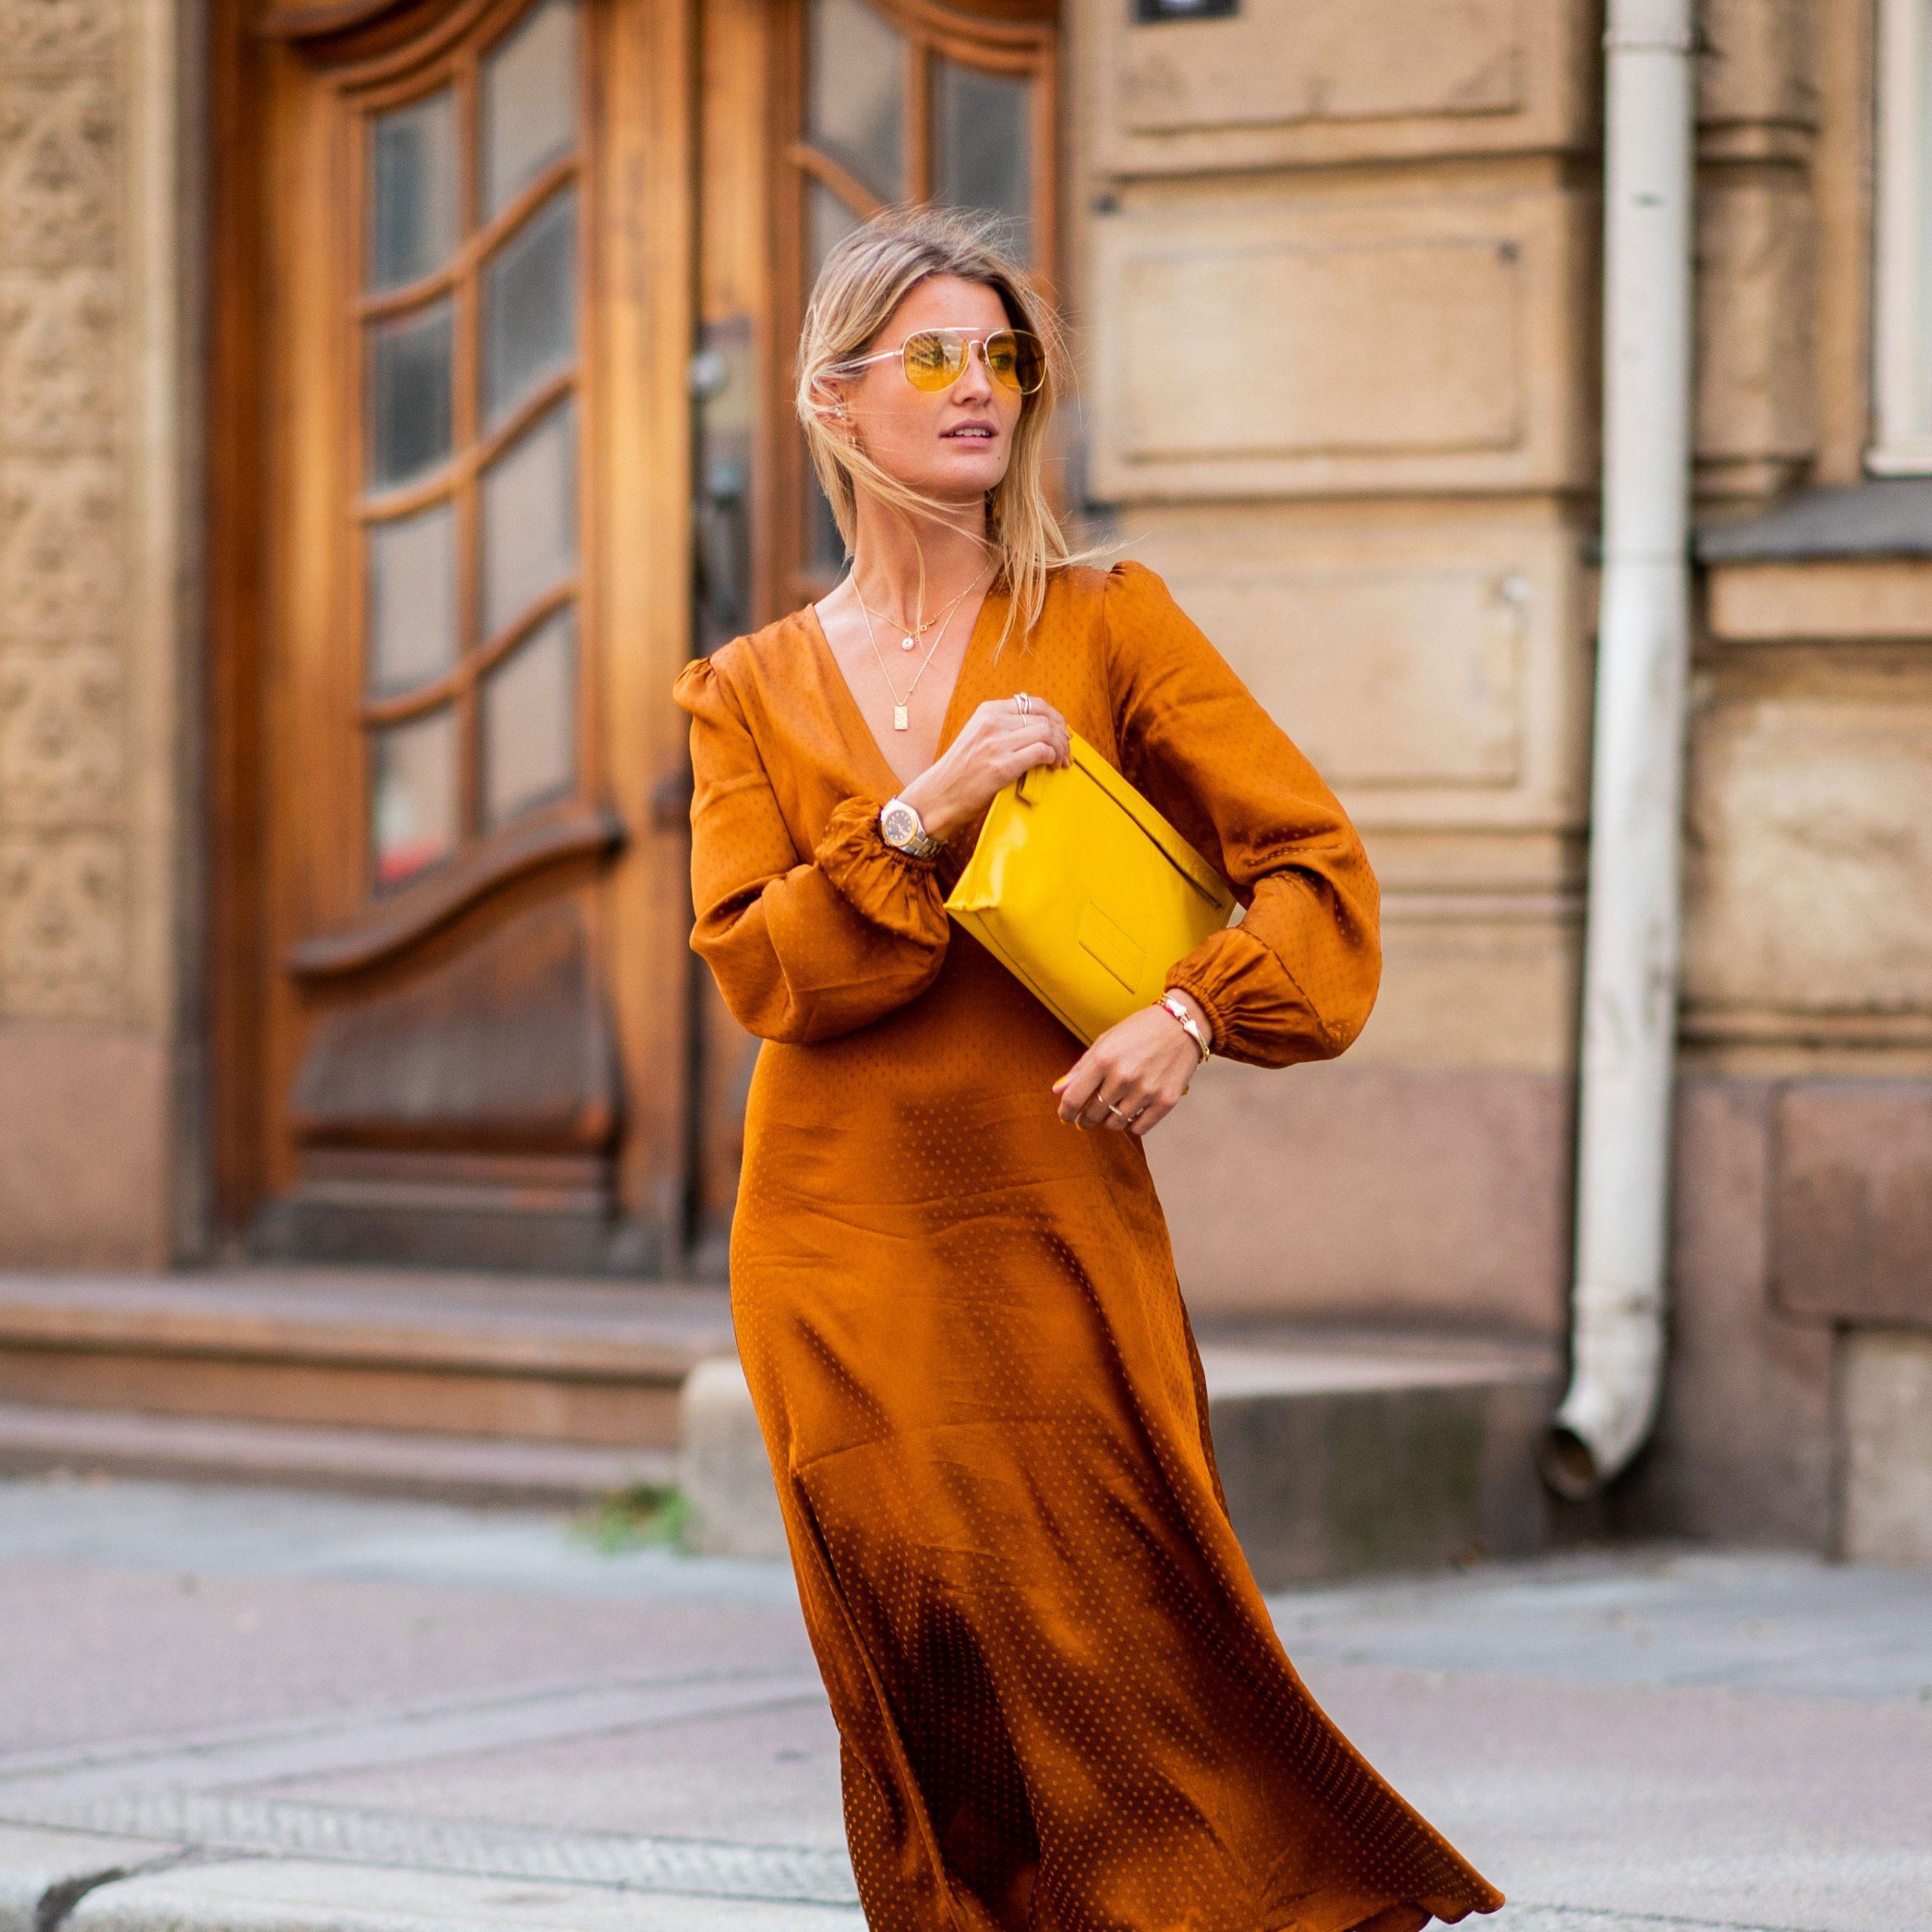 Kleider Für Hochzeitsgäste: Perfekt Gekleidet Für Die